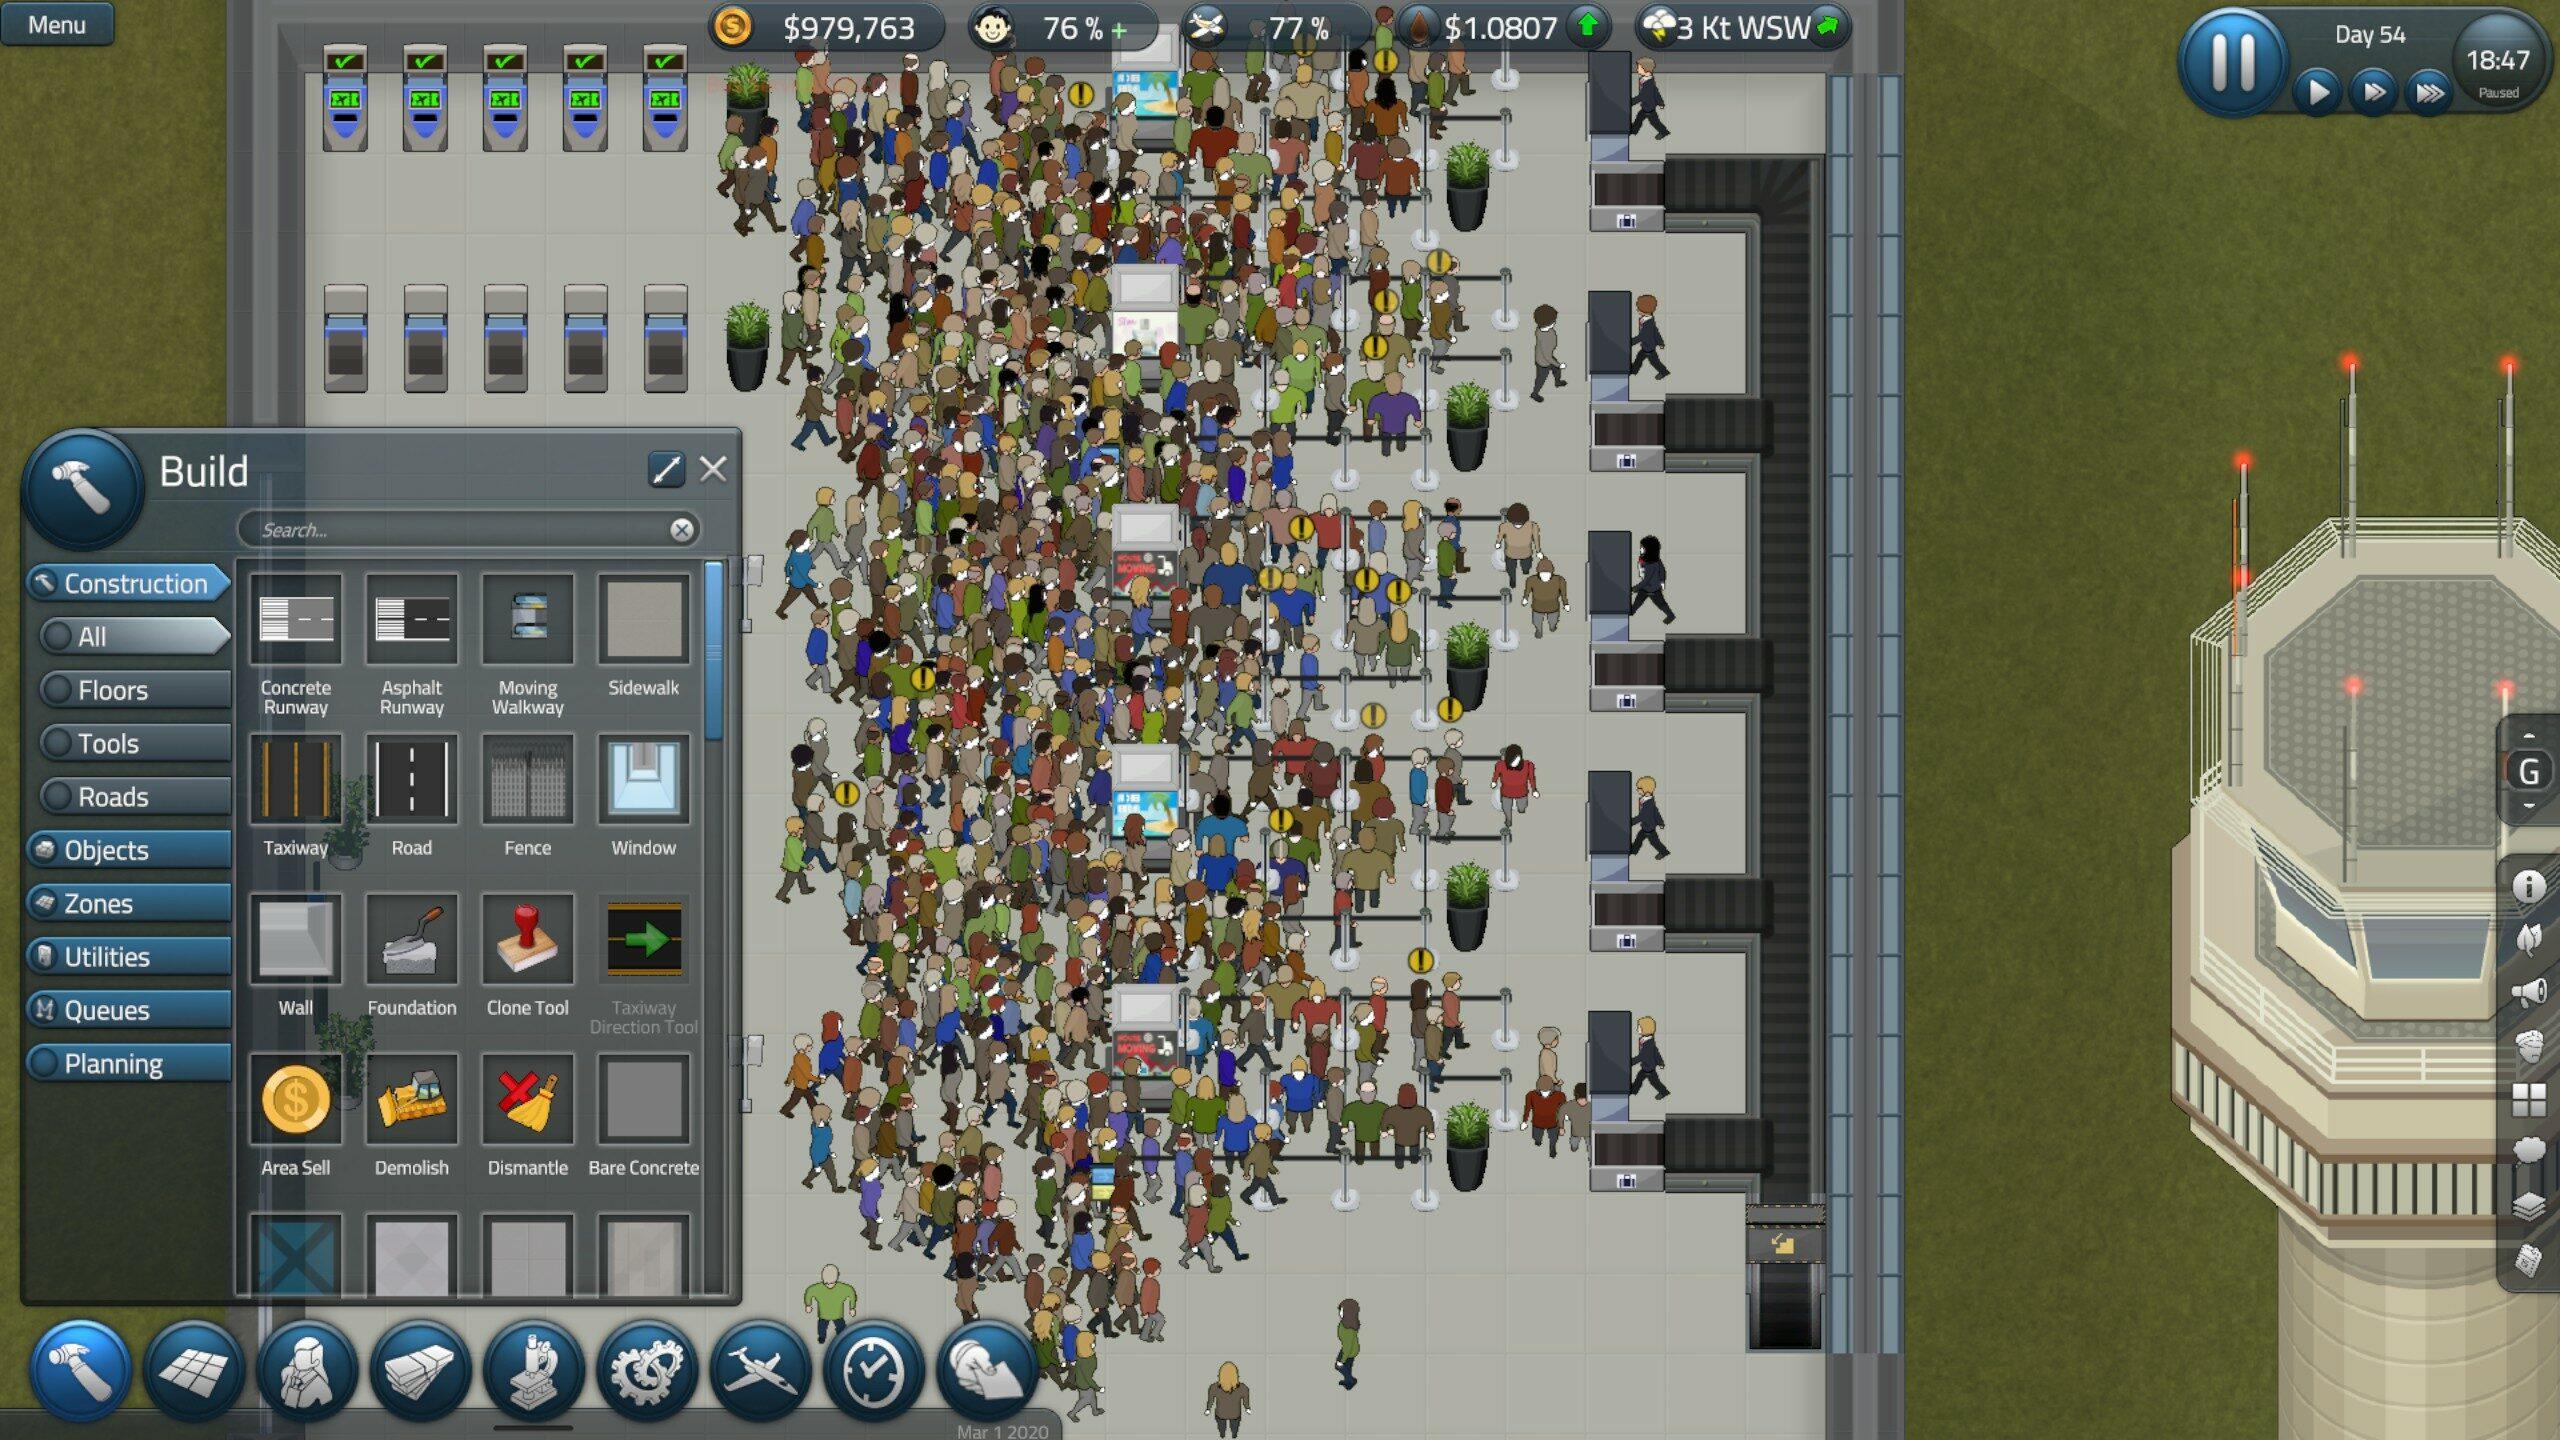 Oui, là j'avais un petit problème avec mes comptoirs d'enregistrement, rapport à un convoyeur de bagages mal assigné. Heureusement, le jeu permet d'identifier rapidement les problèmes grâce à un système d'infobulle très complet.